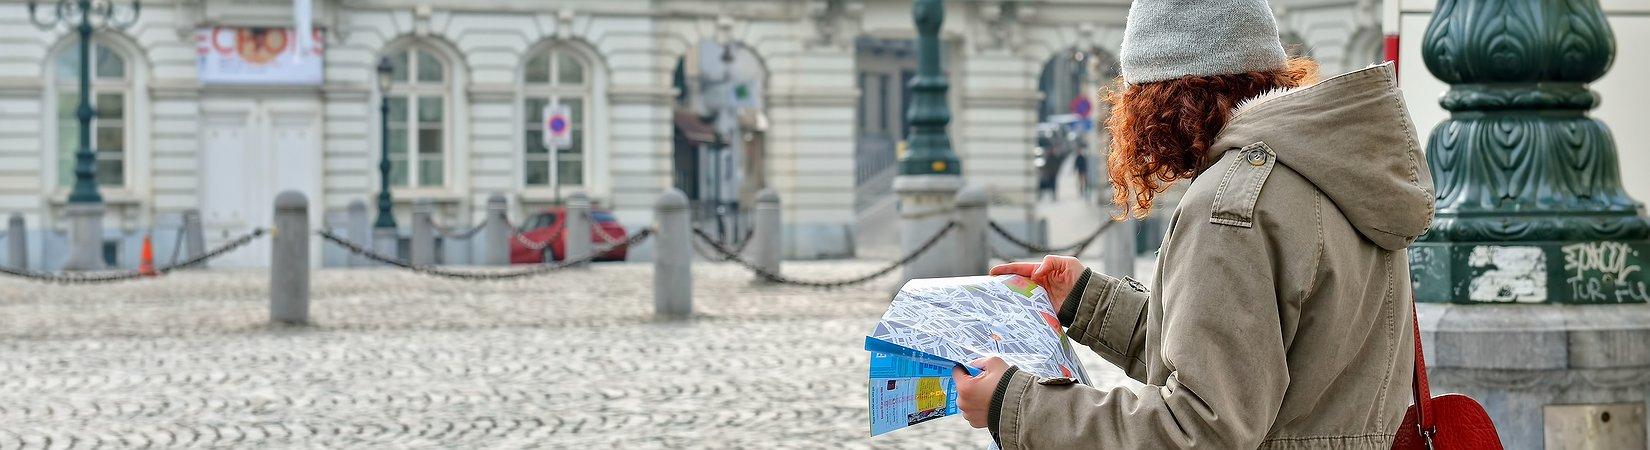 Touristen glauben, dass Europa nicht mehr sicher ist